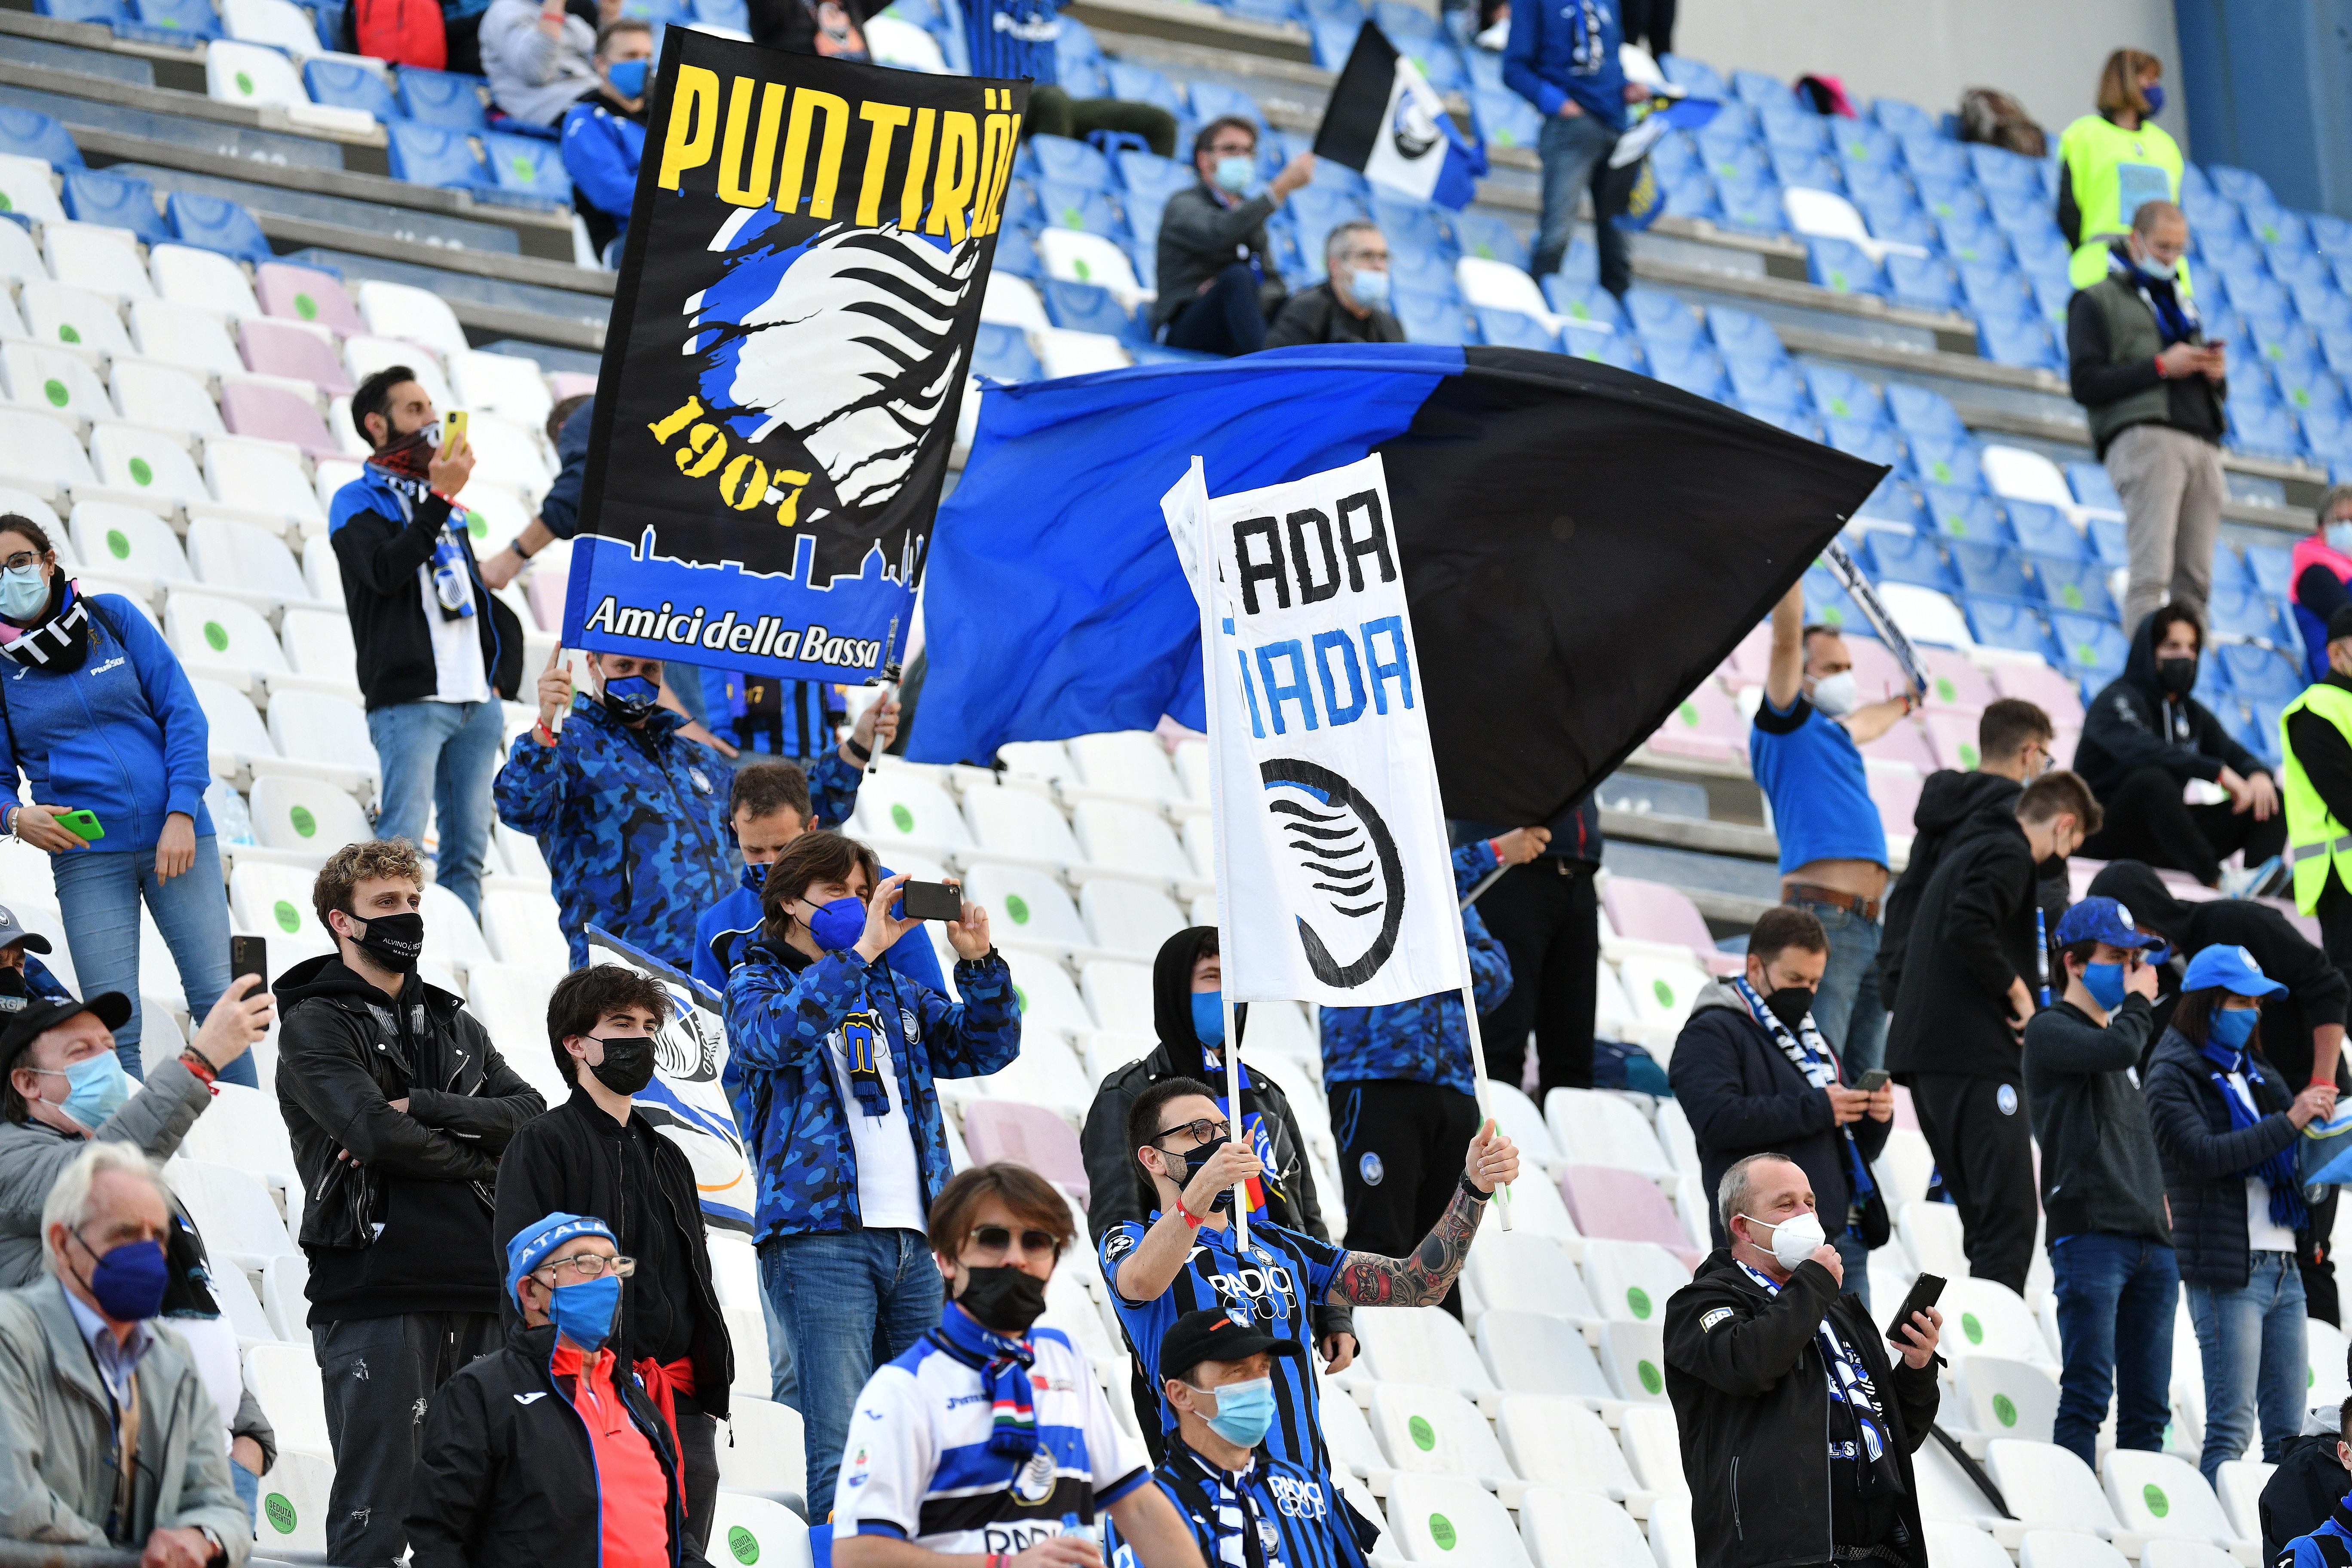 Il grande ritorno del pubblico. Sono 4.300 gli spettatori al Mapei Stadium&nbsp;di Reggio Emilia&nbsp;(pari al 20% della capienza) per la finale di Coppa Italia fra Atalanta e Juventus. Si tratta&nbsp;della prima partita di calcio in Italia che prevede la presenza dei tifosi dopo il lockdown&nbsp;per l&rsquo;emergenza Covid.<br /><br />